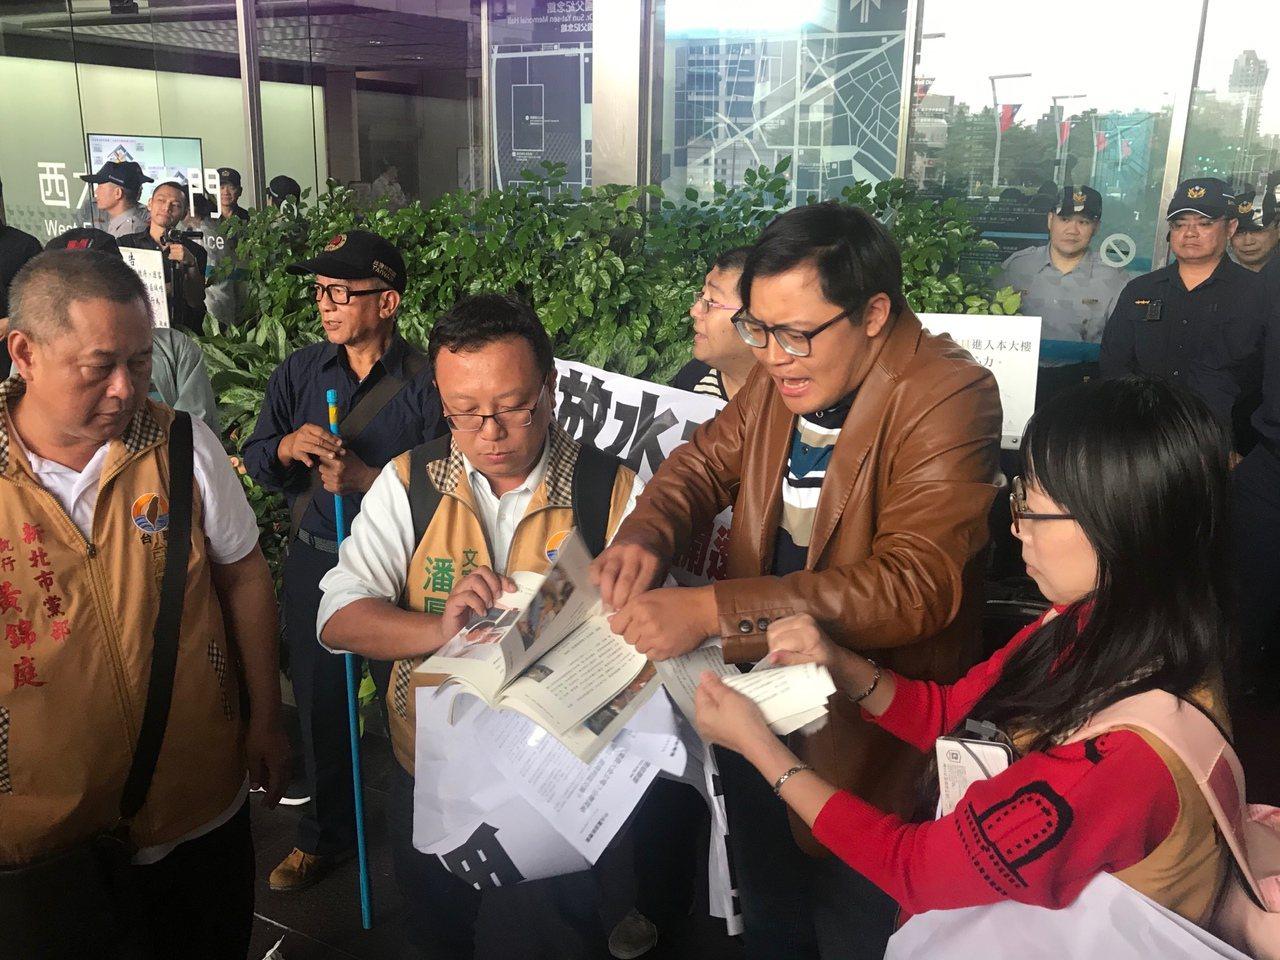 台聯黨成員下午在台北市政府前質疑市府放水讓大巨蛋都審過關,把市長柯文哲寫的書「改...